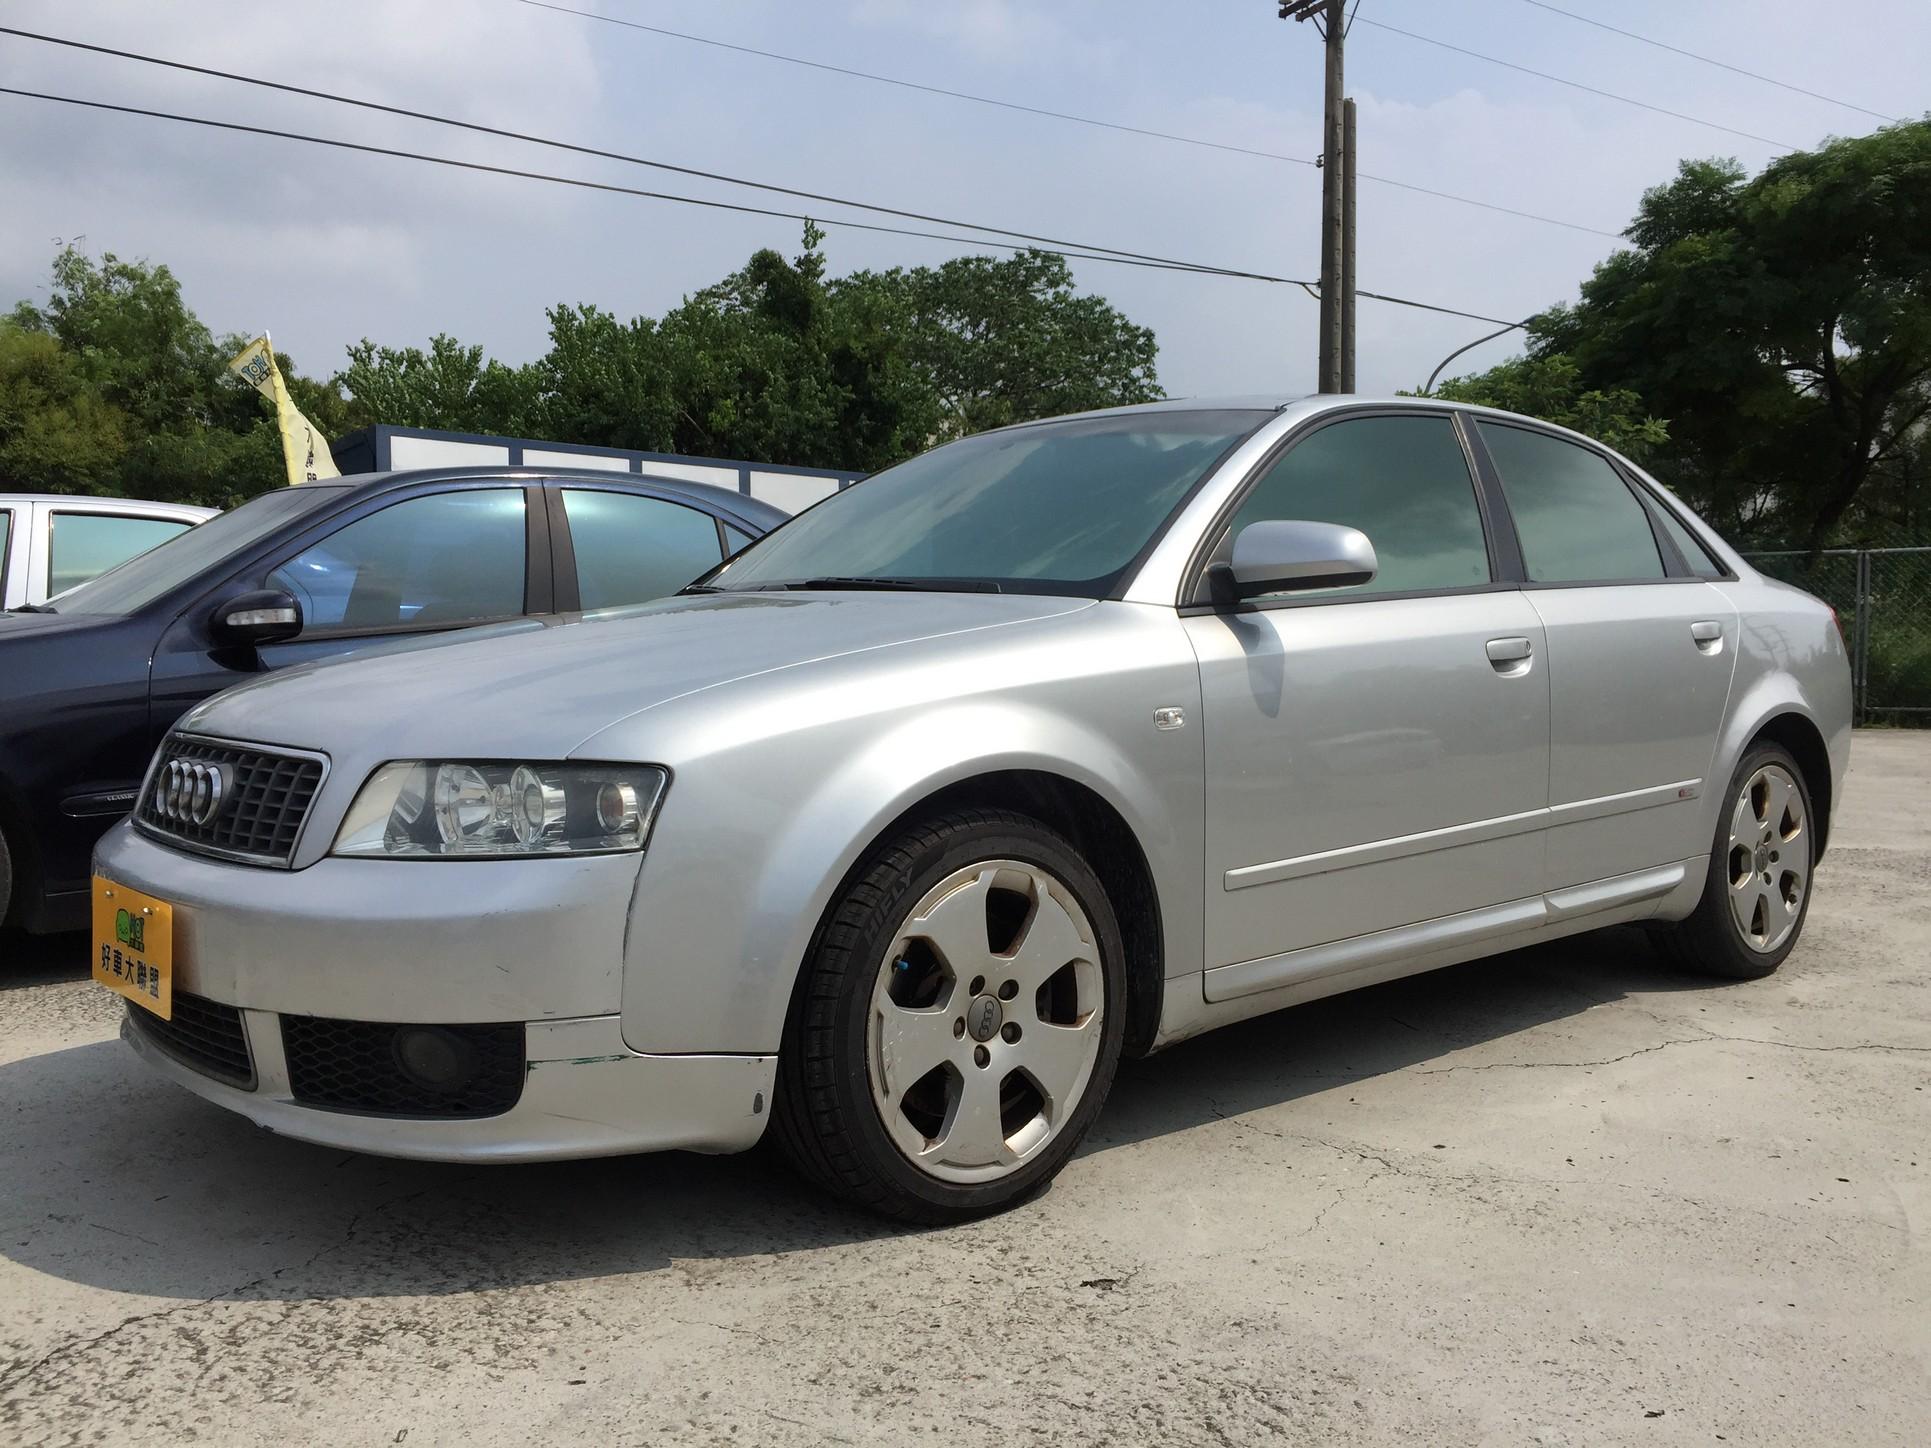 2004 Audi A4 sedan